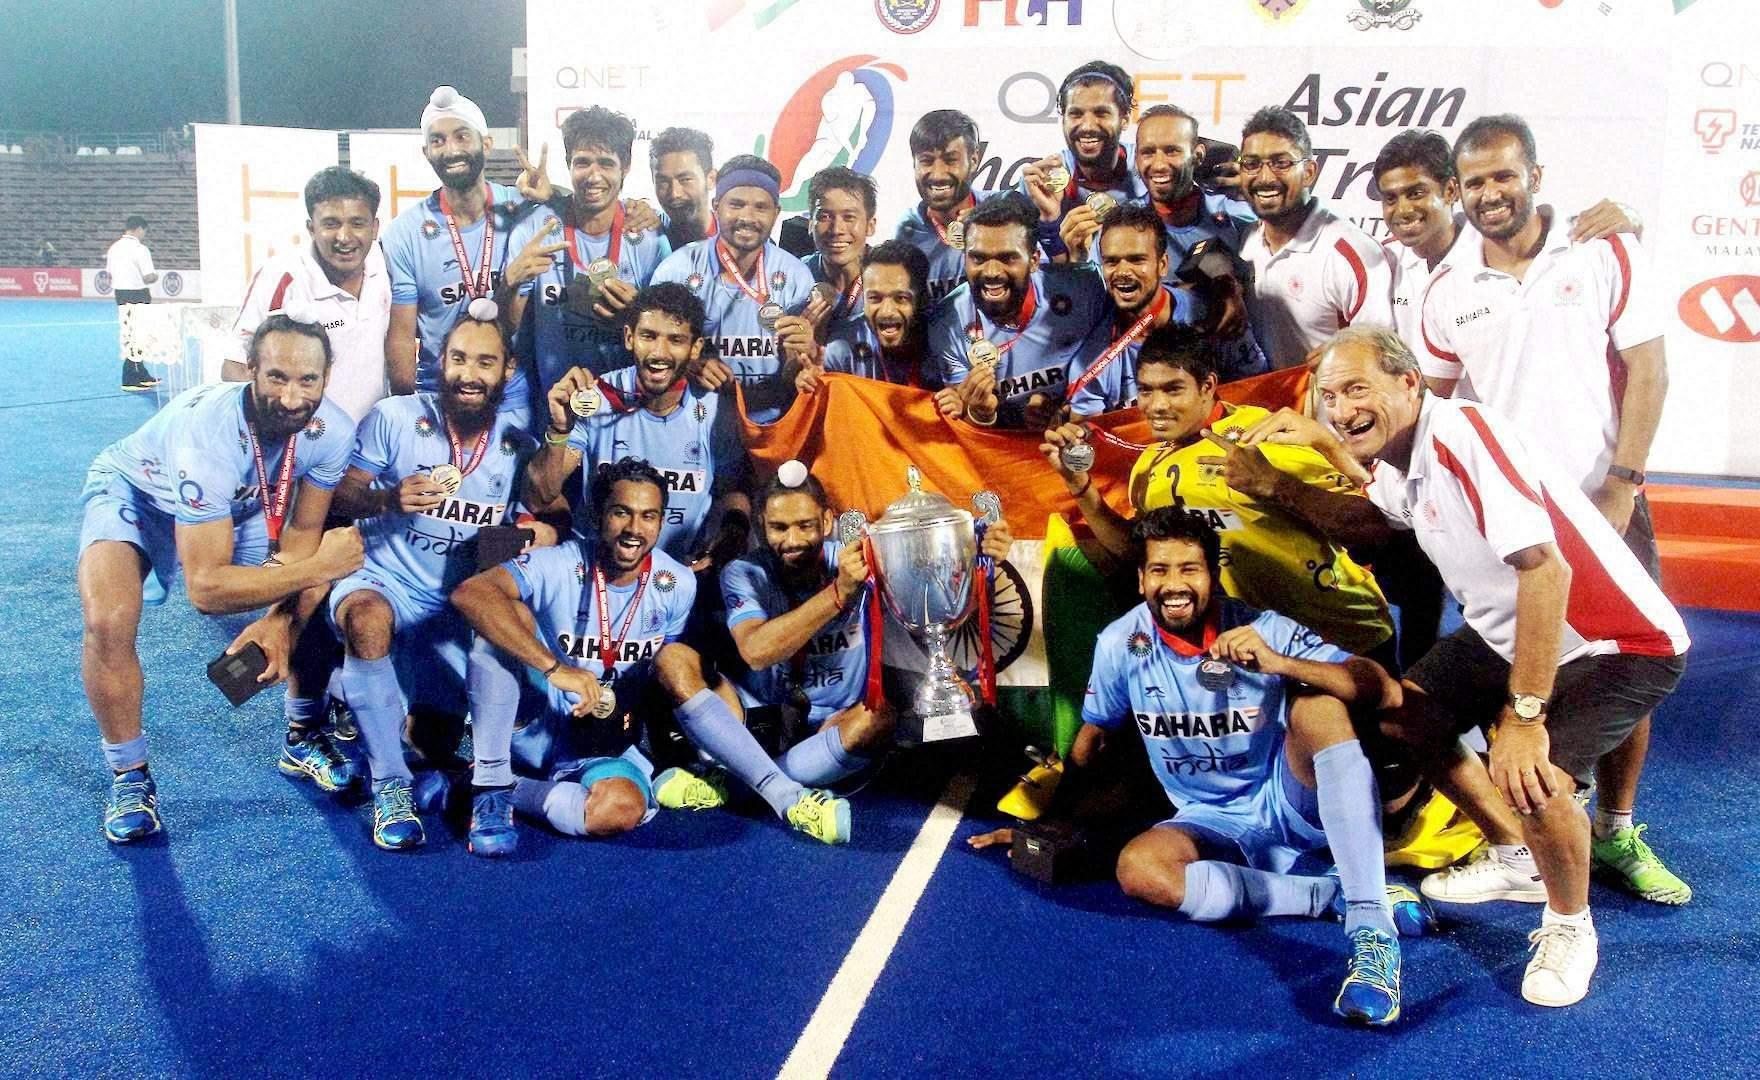 हॉकी : भारत ने जीती एशियन चैपियंस ट्रॉफी, पुरस्कारों, बधाइयों की झड़ी 10